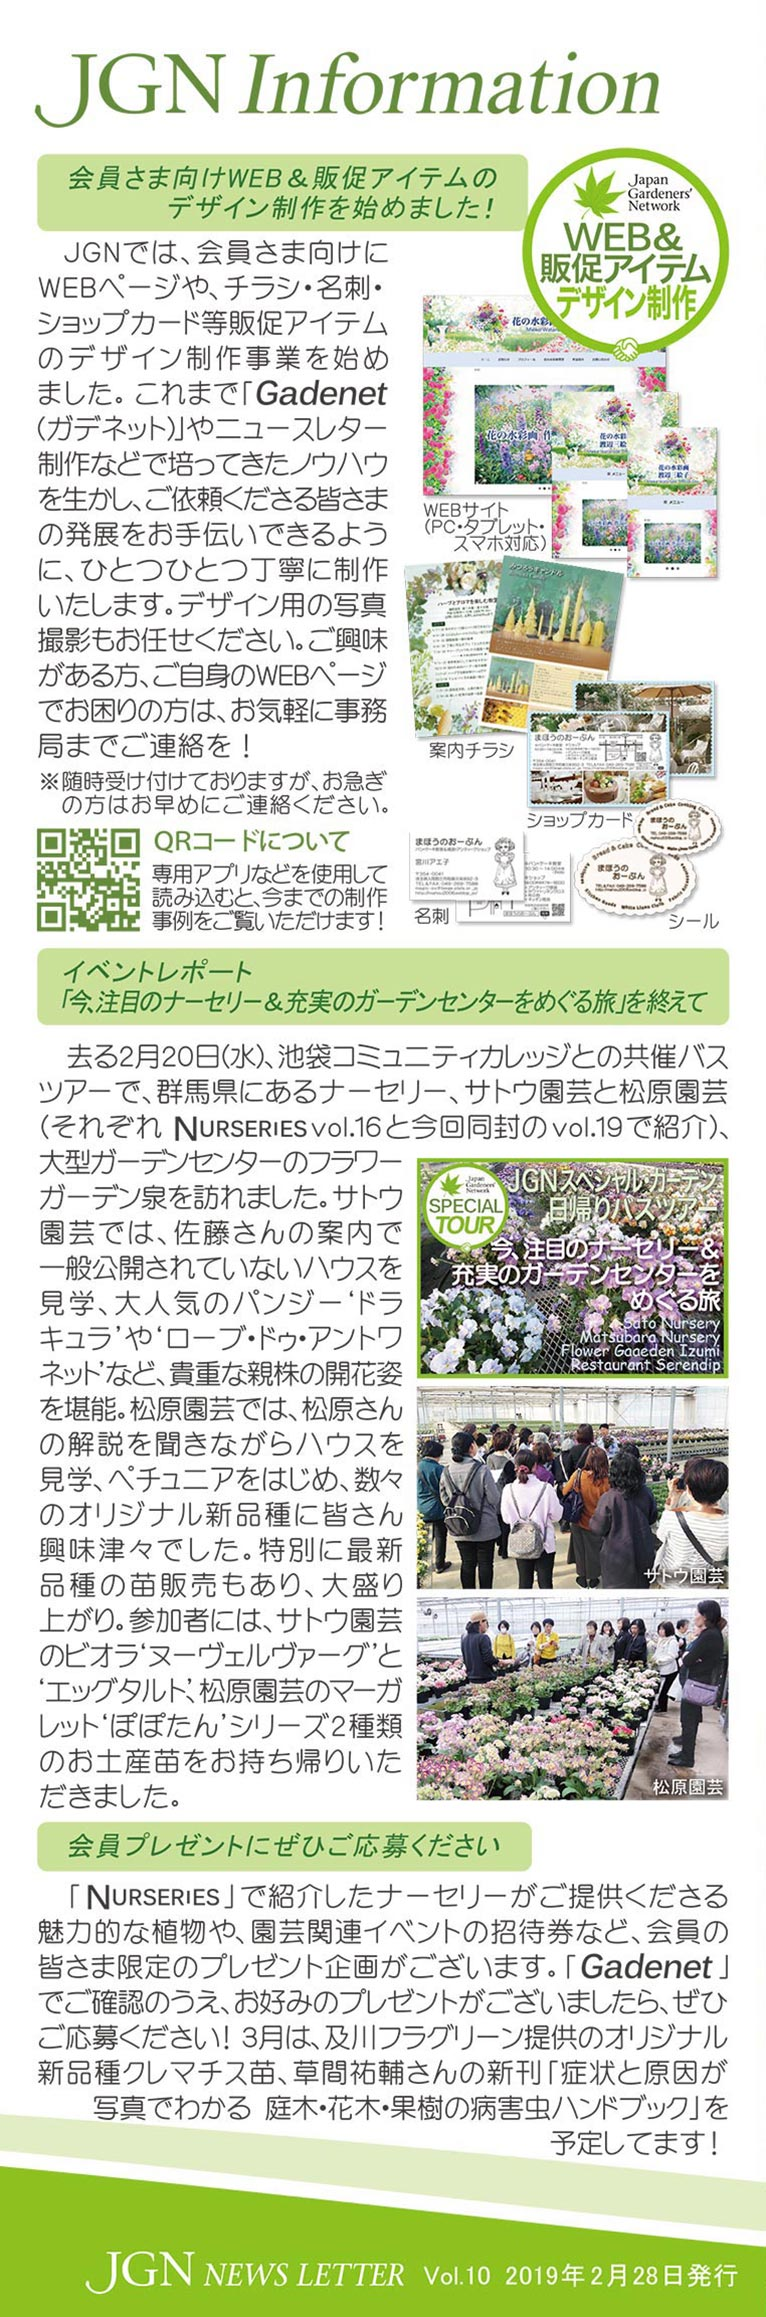 JGN NEWS LETTER 2019年春号 Vol.10(その4) JGNインフォメーション